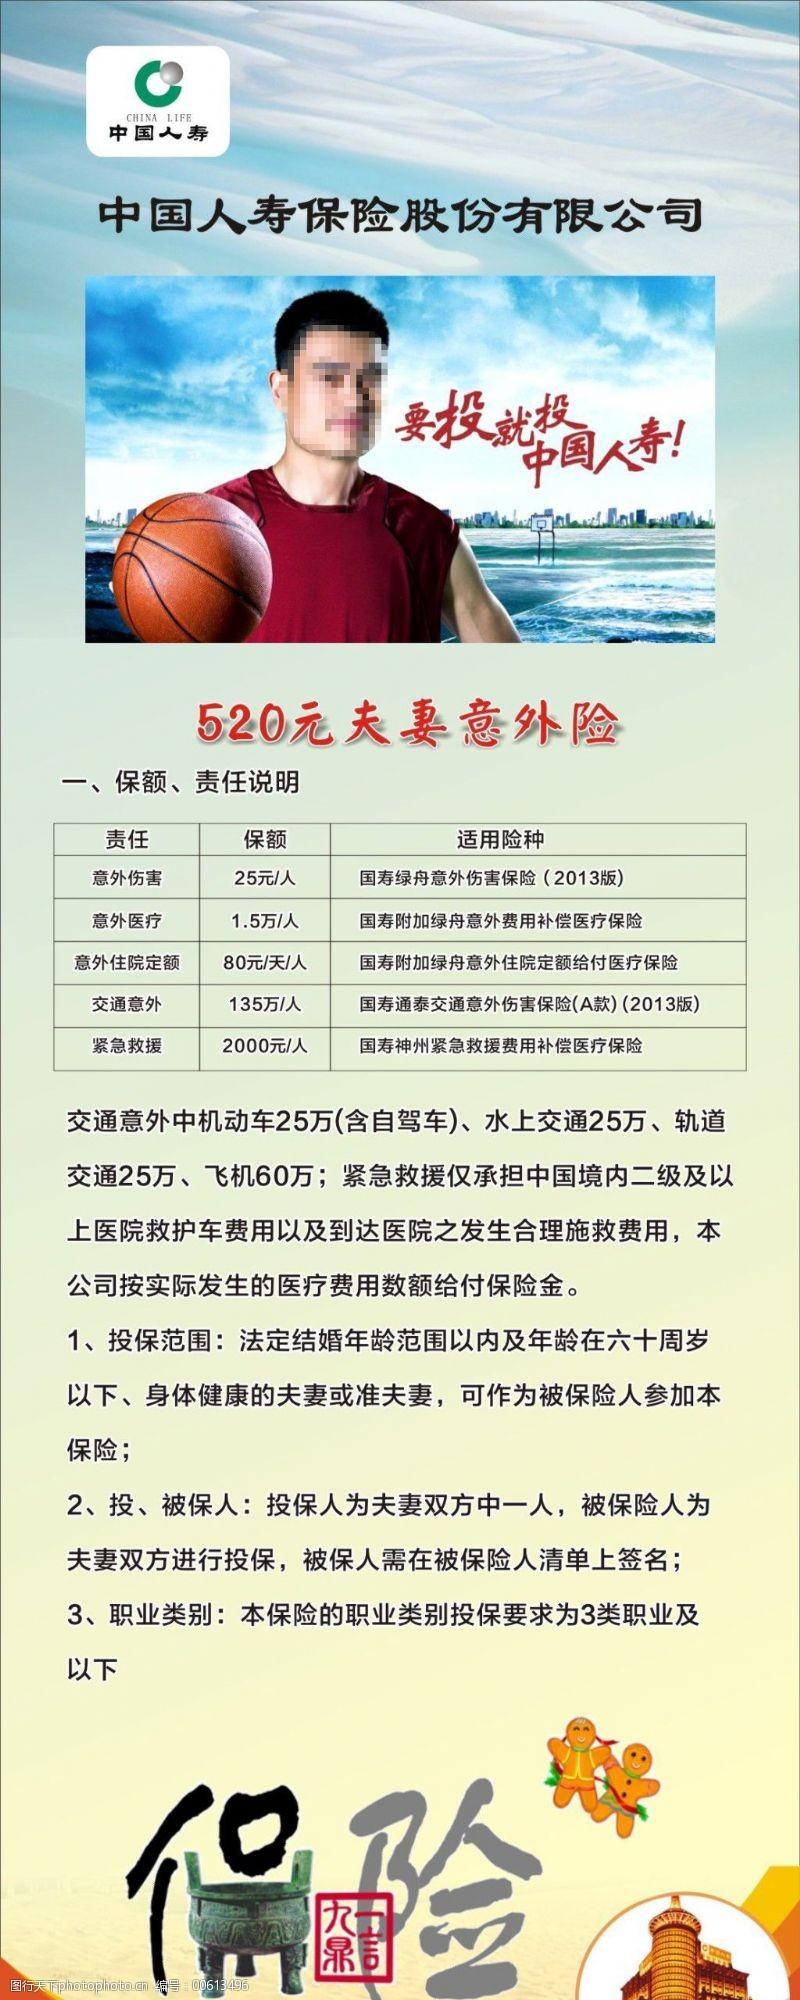 中国人寿易拉宝海报